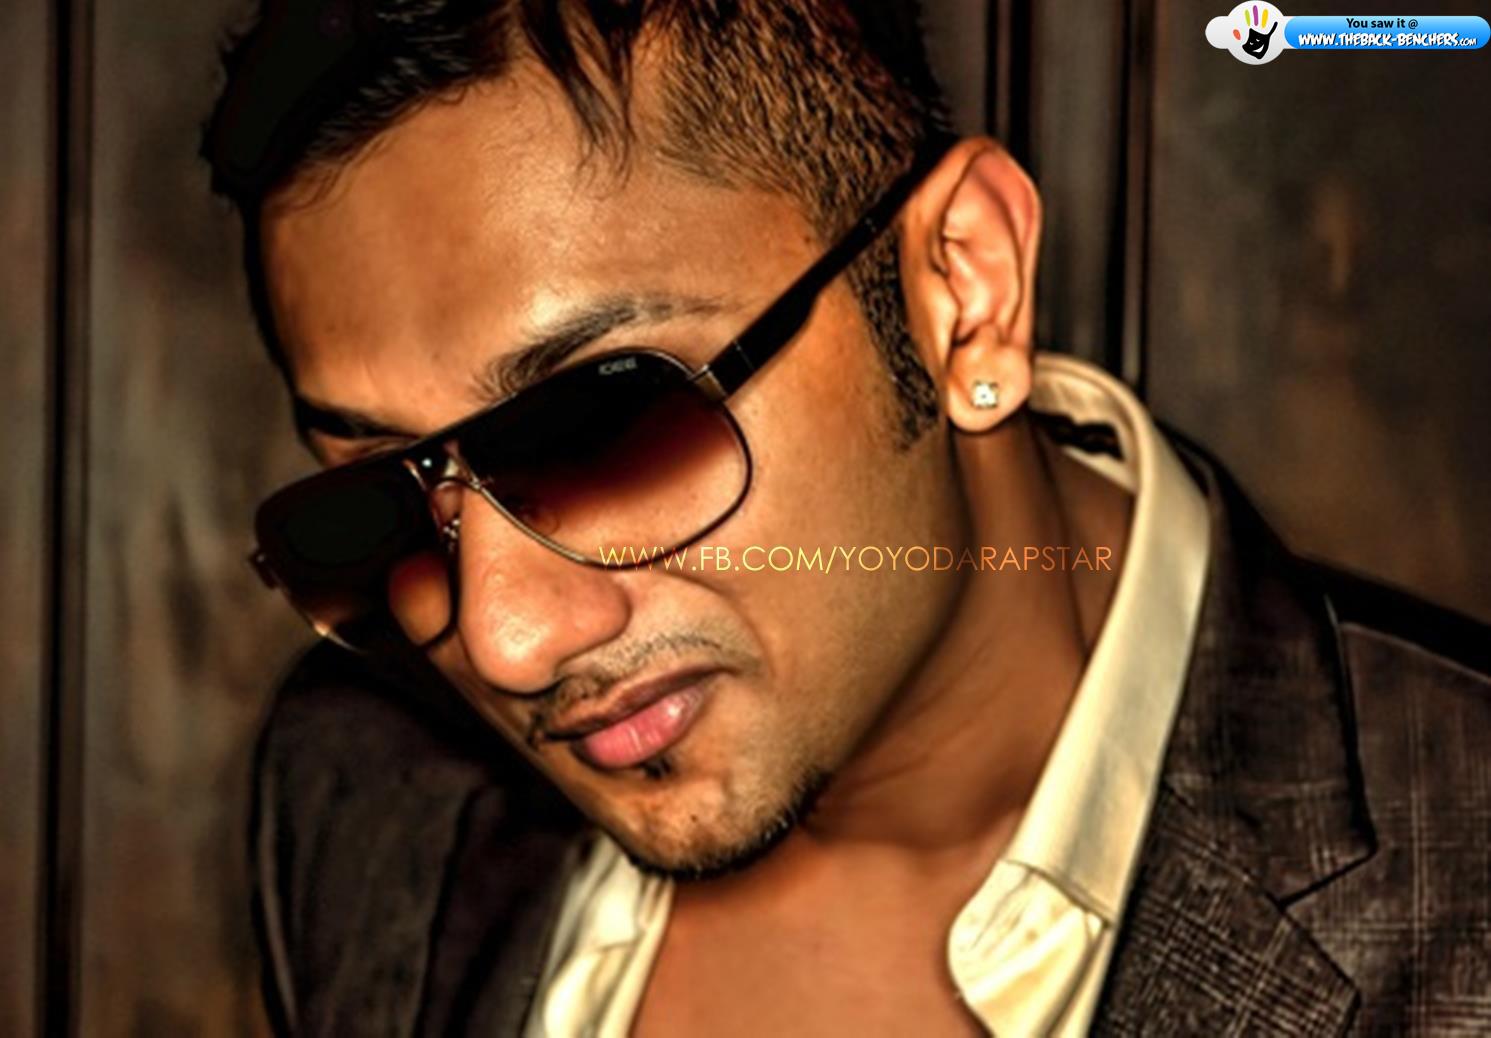 Yo Yo Honey Singh Wallpapers Photos Images Rapstar 2012